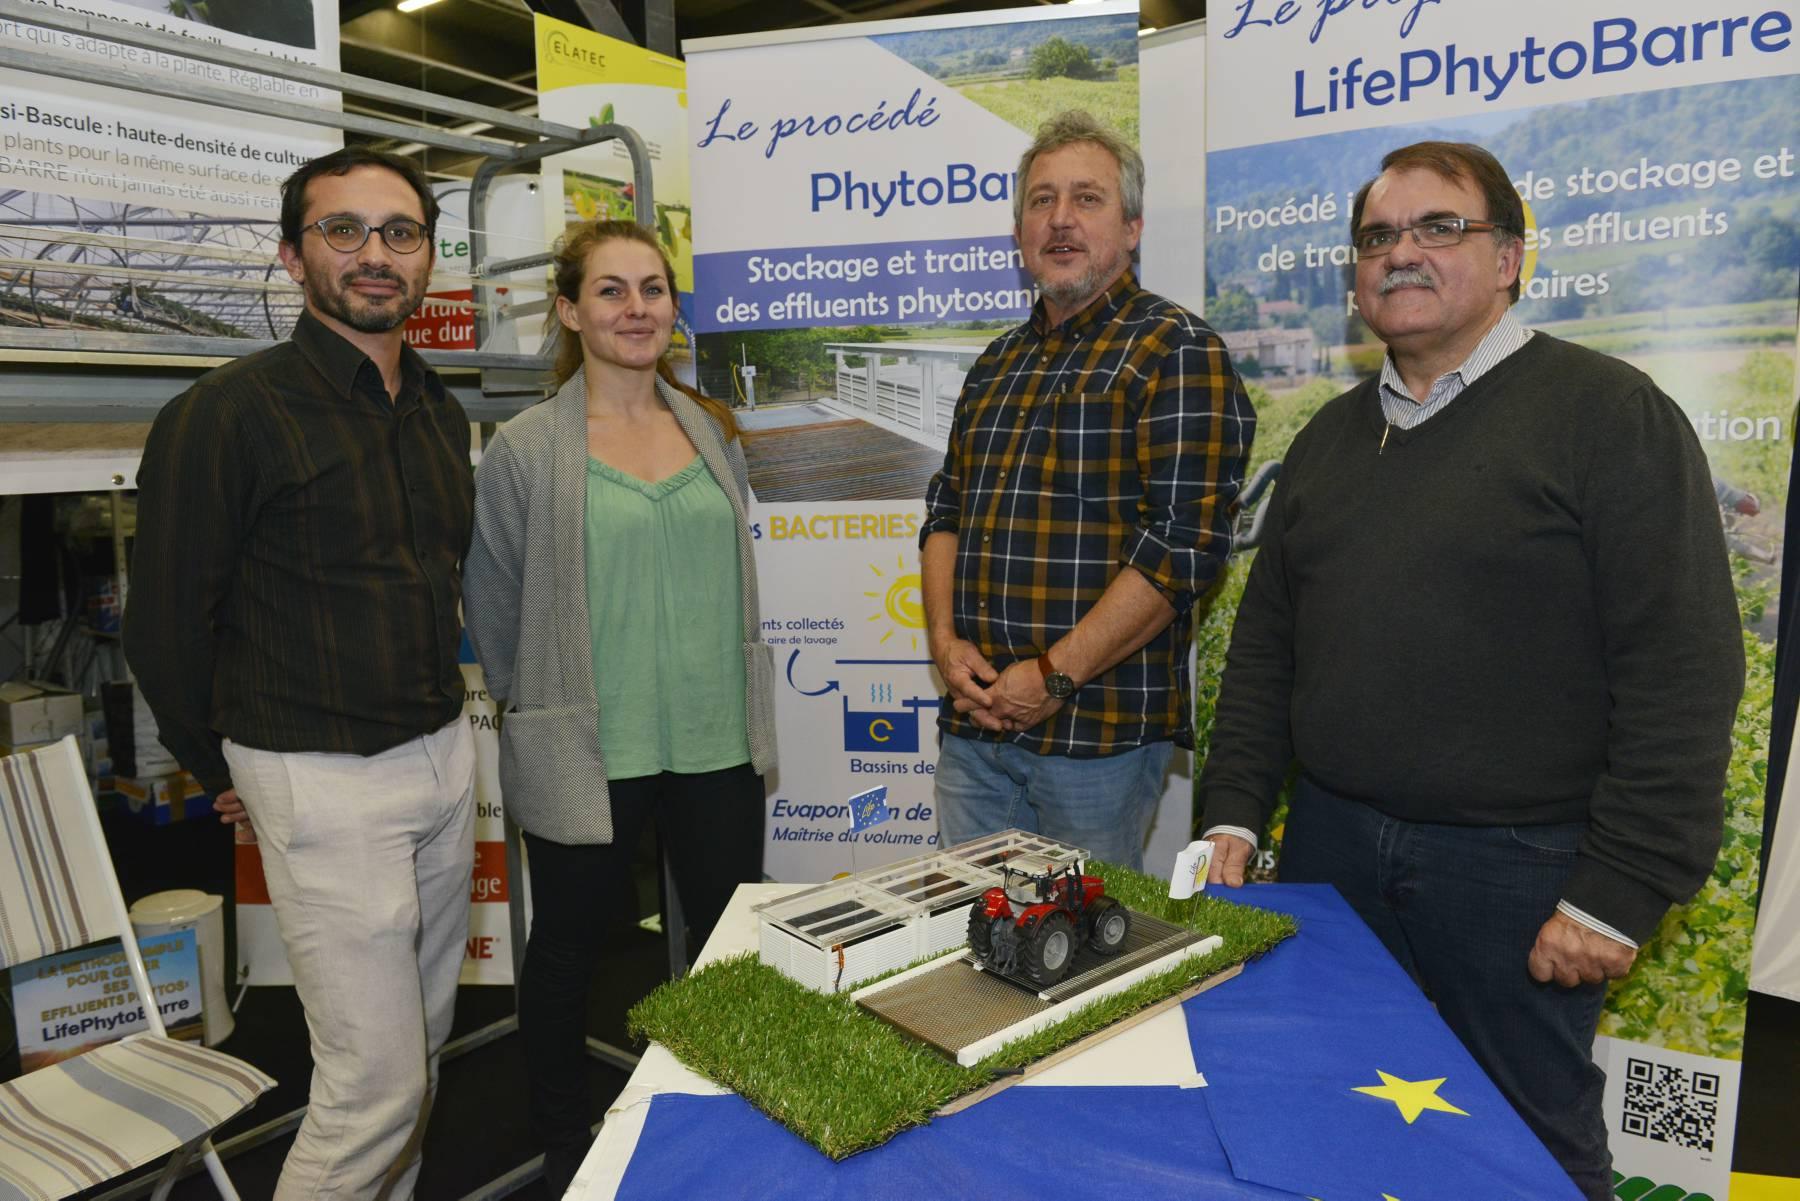 Copyright : Cédric Faimali /GFA<br /> Le volet communication inclut la présentation du projet LifePhytoBarre lors de salons agricoles comme ici au Vinitech-Sifel en novembre 2016.